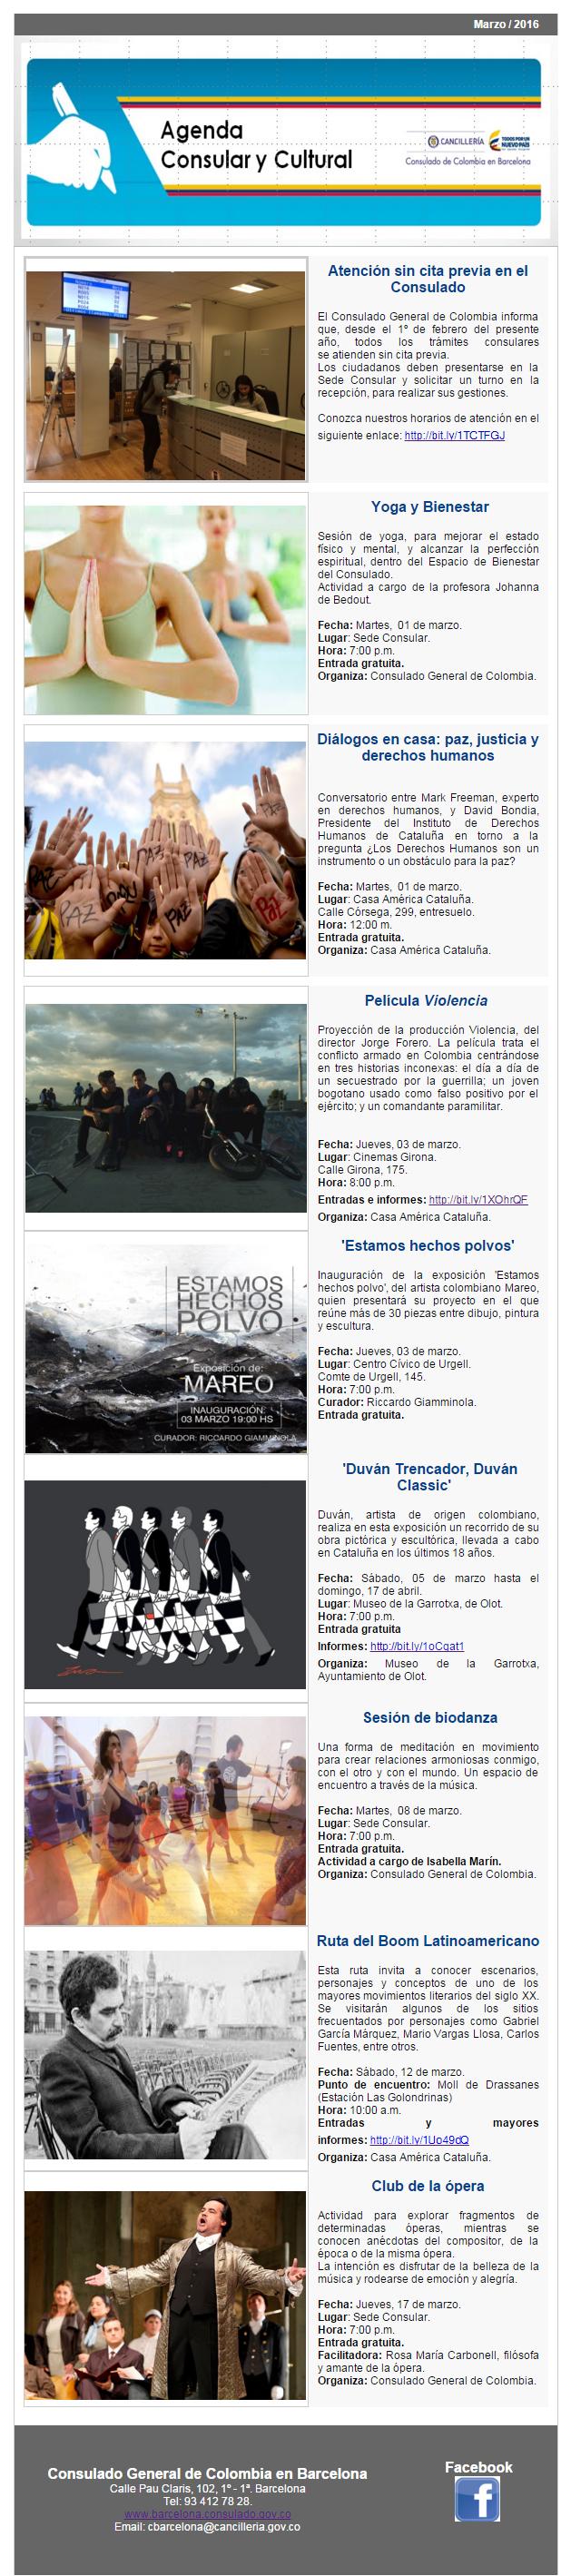 Conozca la agenda consular y cultural para marzo de 2016 - Agenda cultura barcelona ...